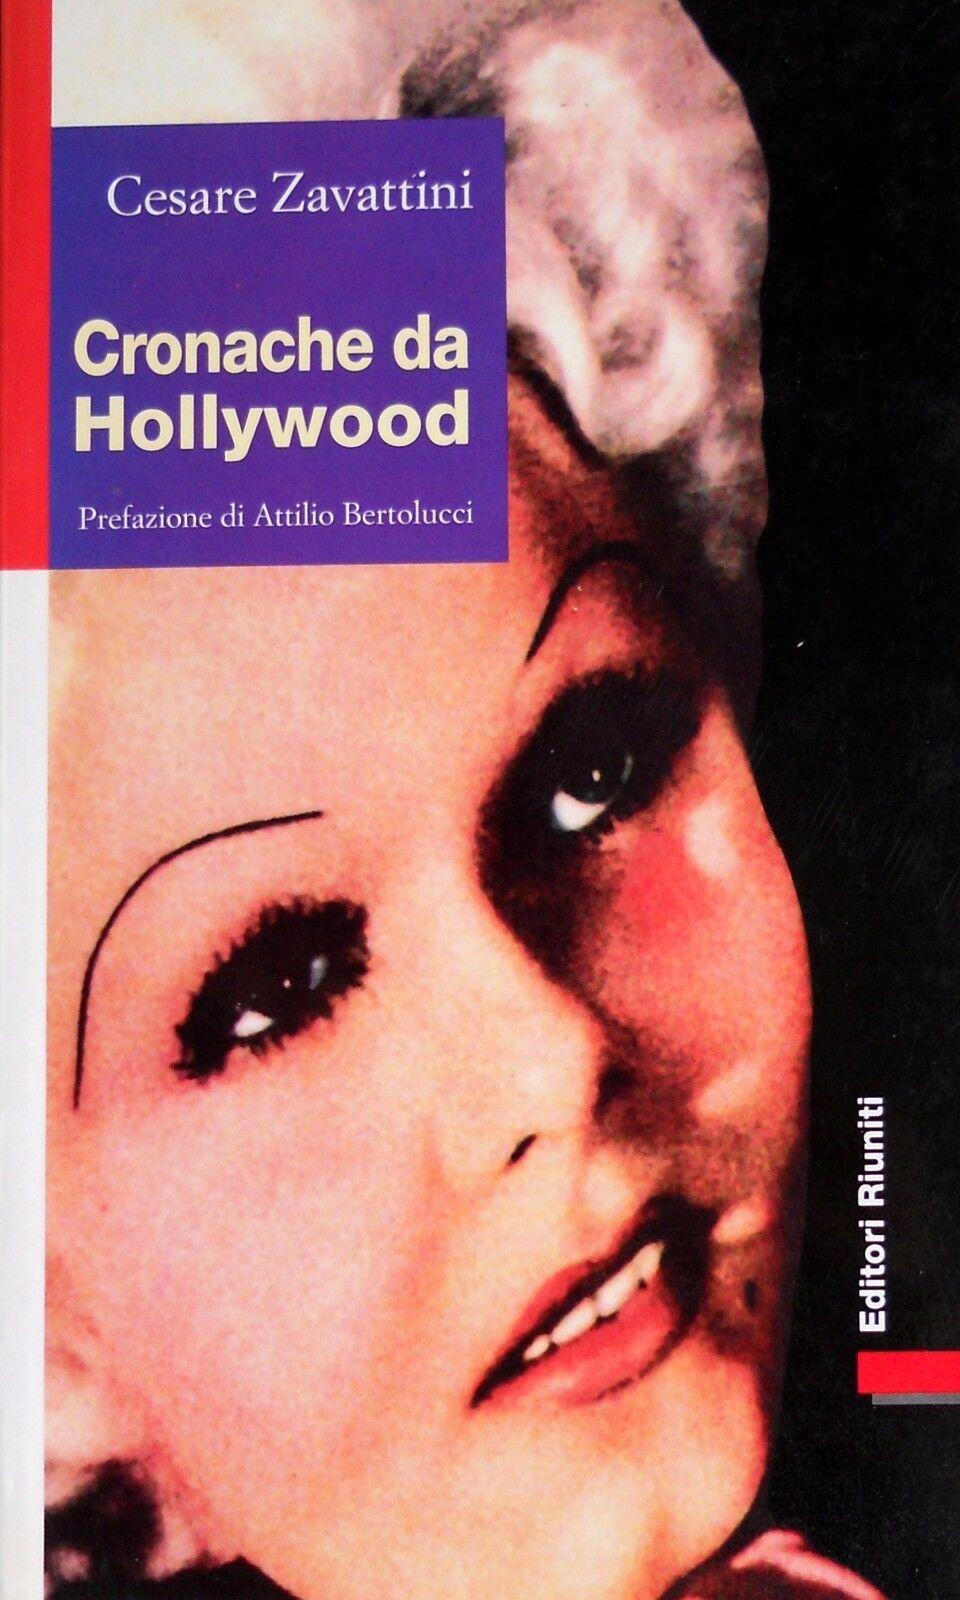 """""""Cronache da Hollywood"""" (senza andare a Hollywood) di Cesare Zavattini"""